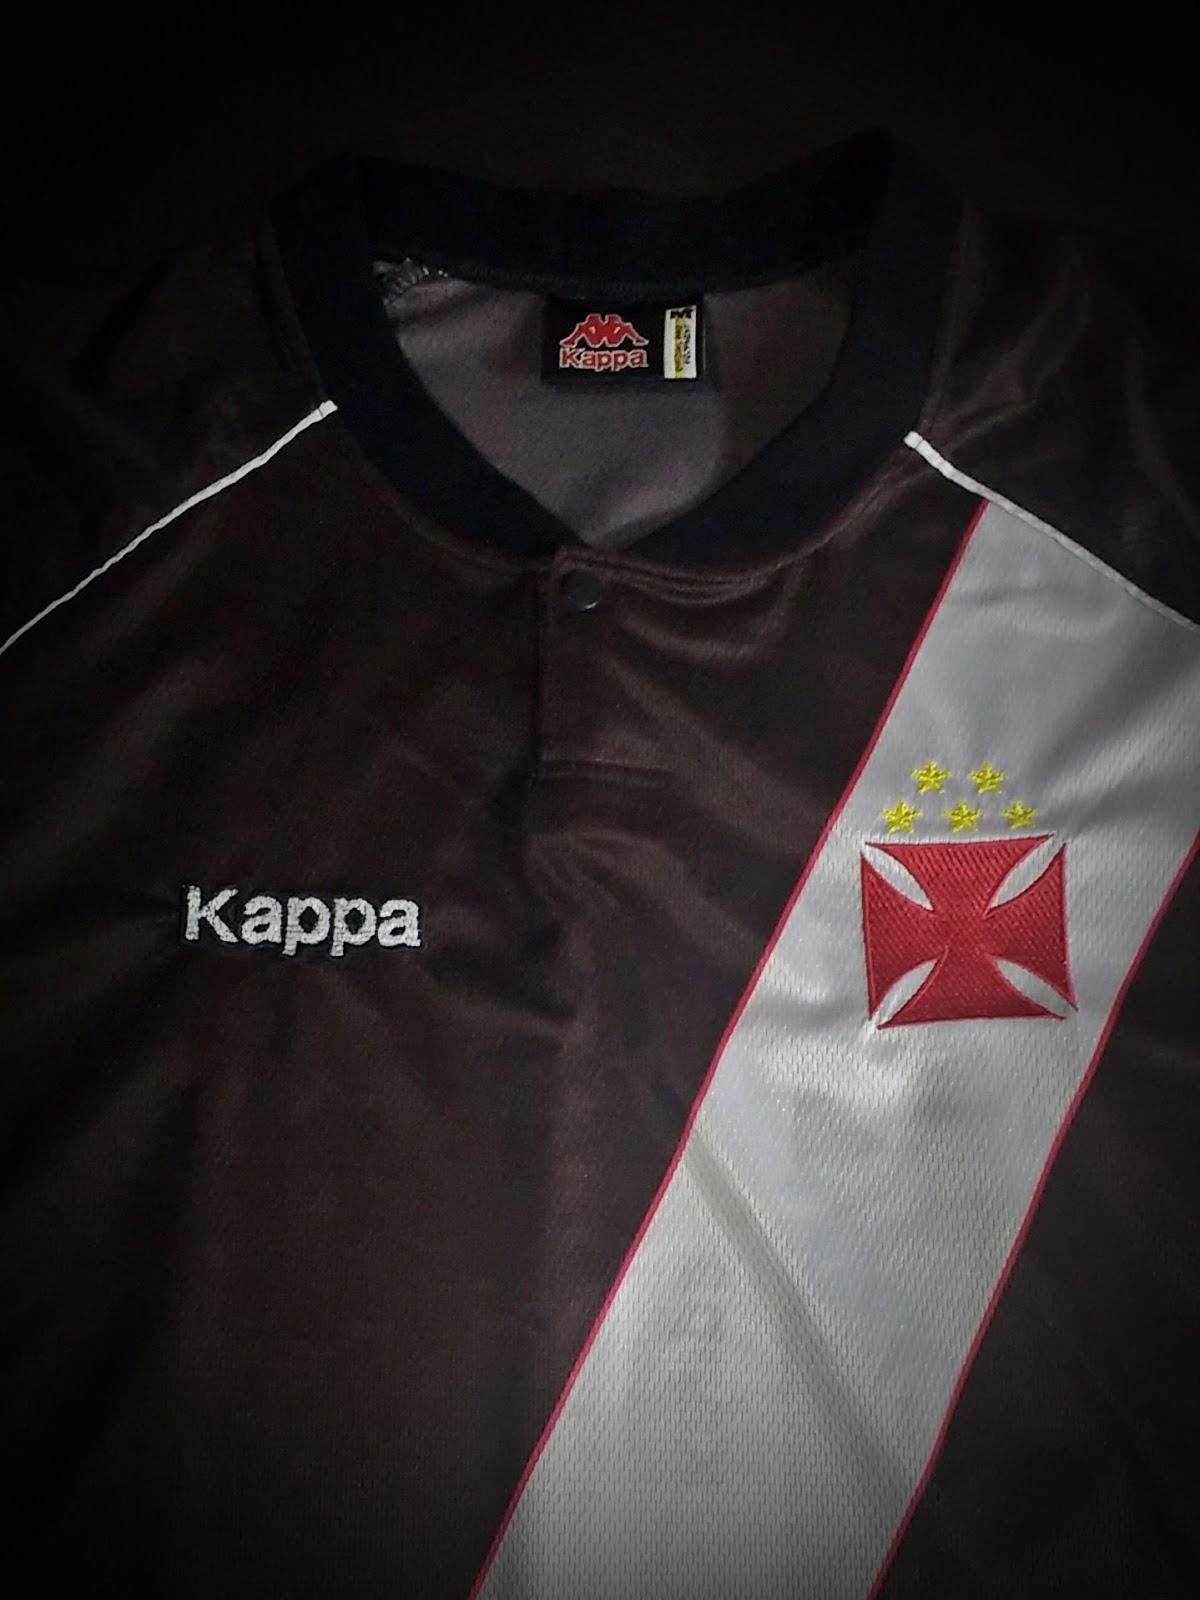 d93a35ada3 Uniforme Home Kappa - 1998. Camisa Oficial do Club de Regatas Vasco da Gama  ...